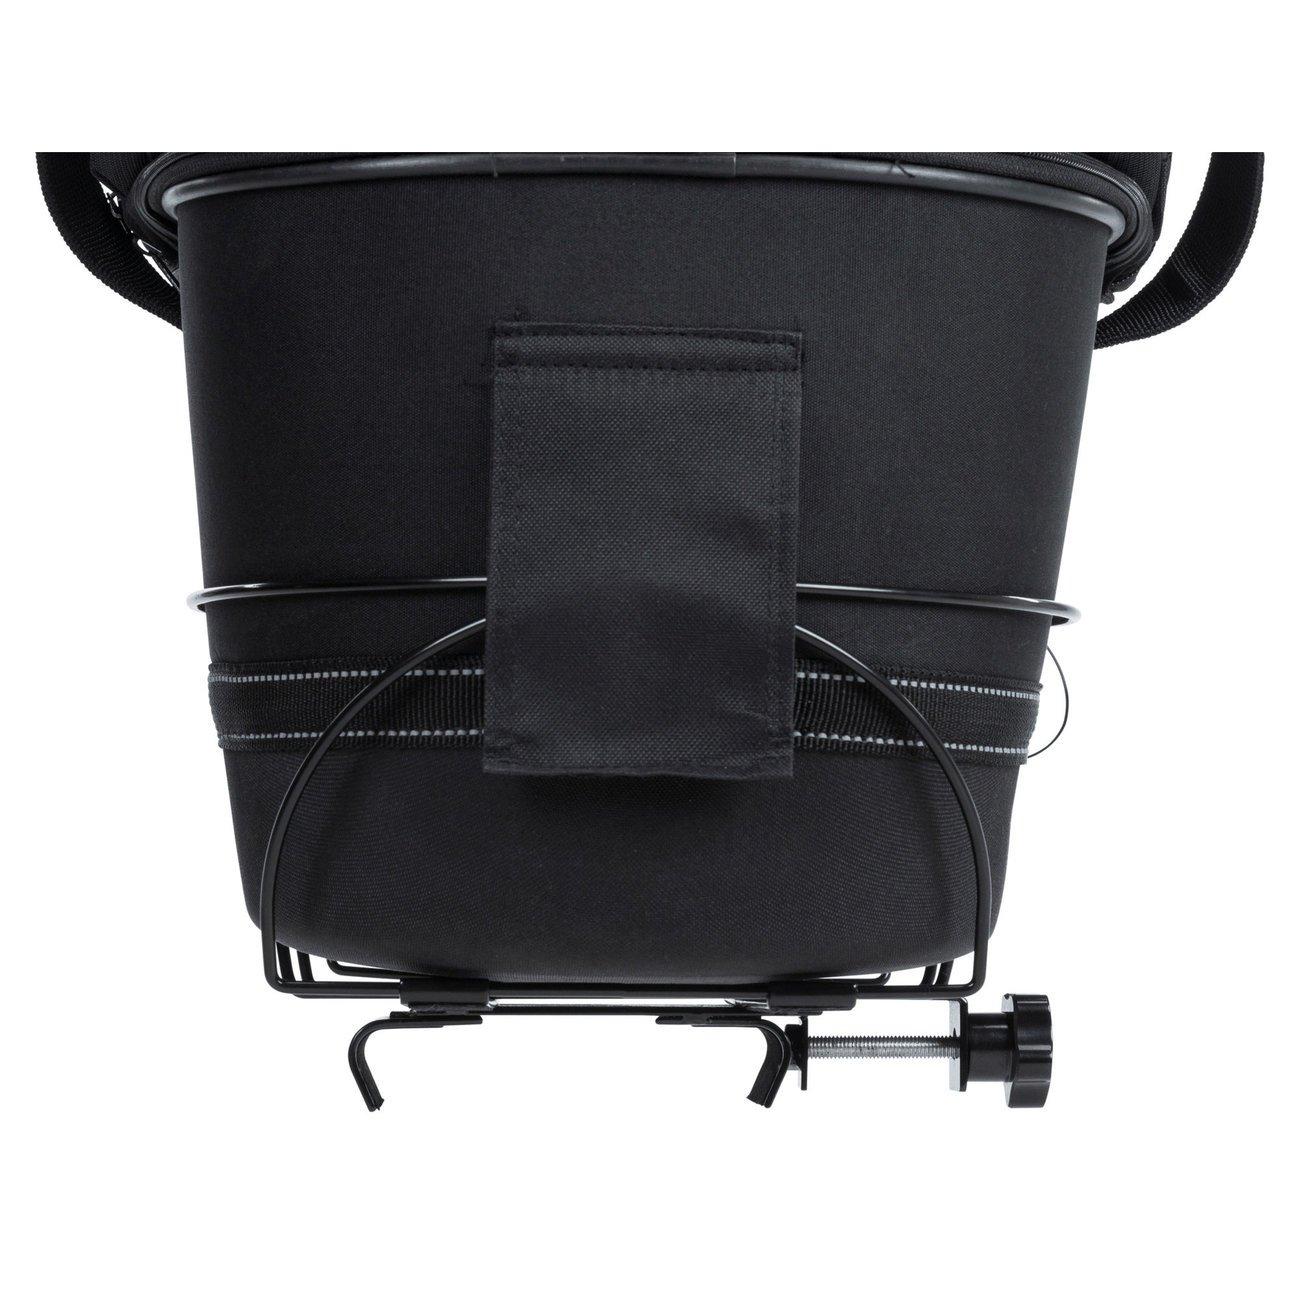 TRIXIE Hunde-Fahrradkorb für schmale Gepäckträger 13111, Bild 12